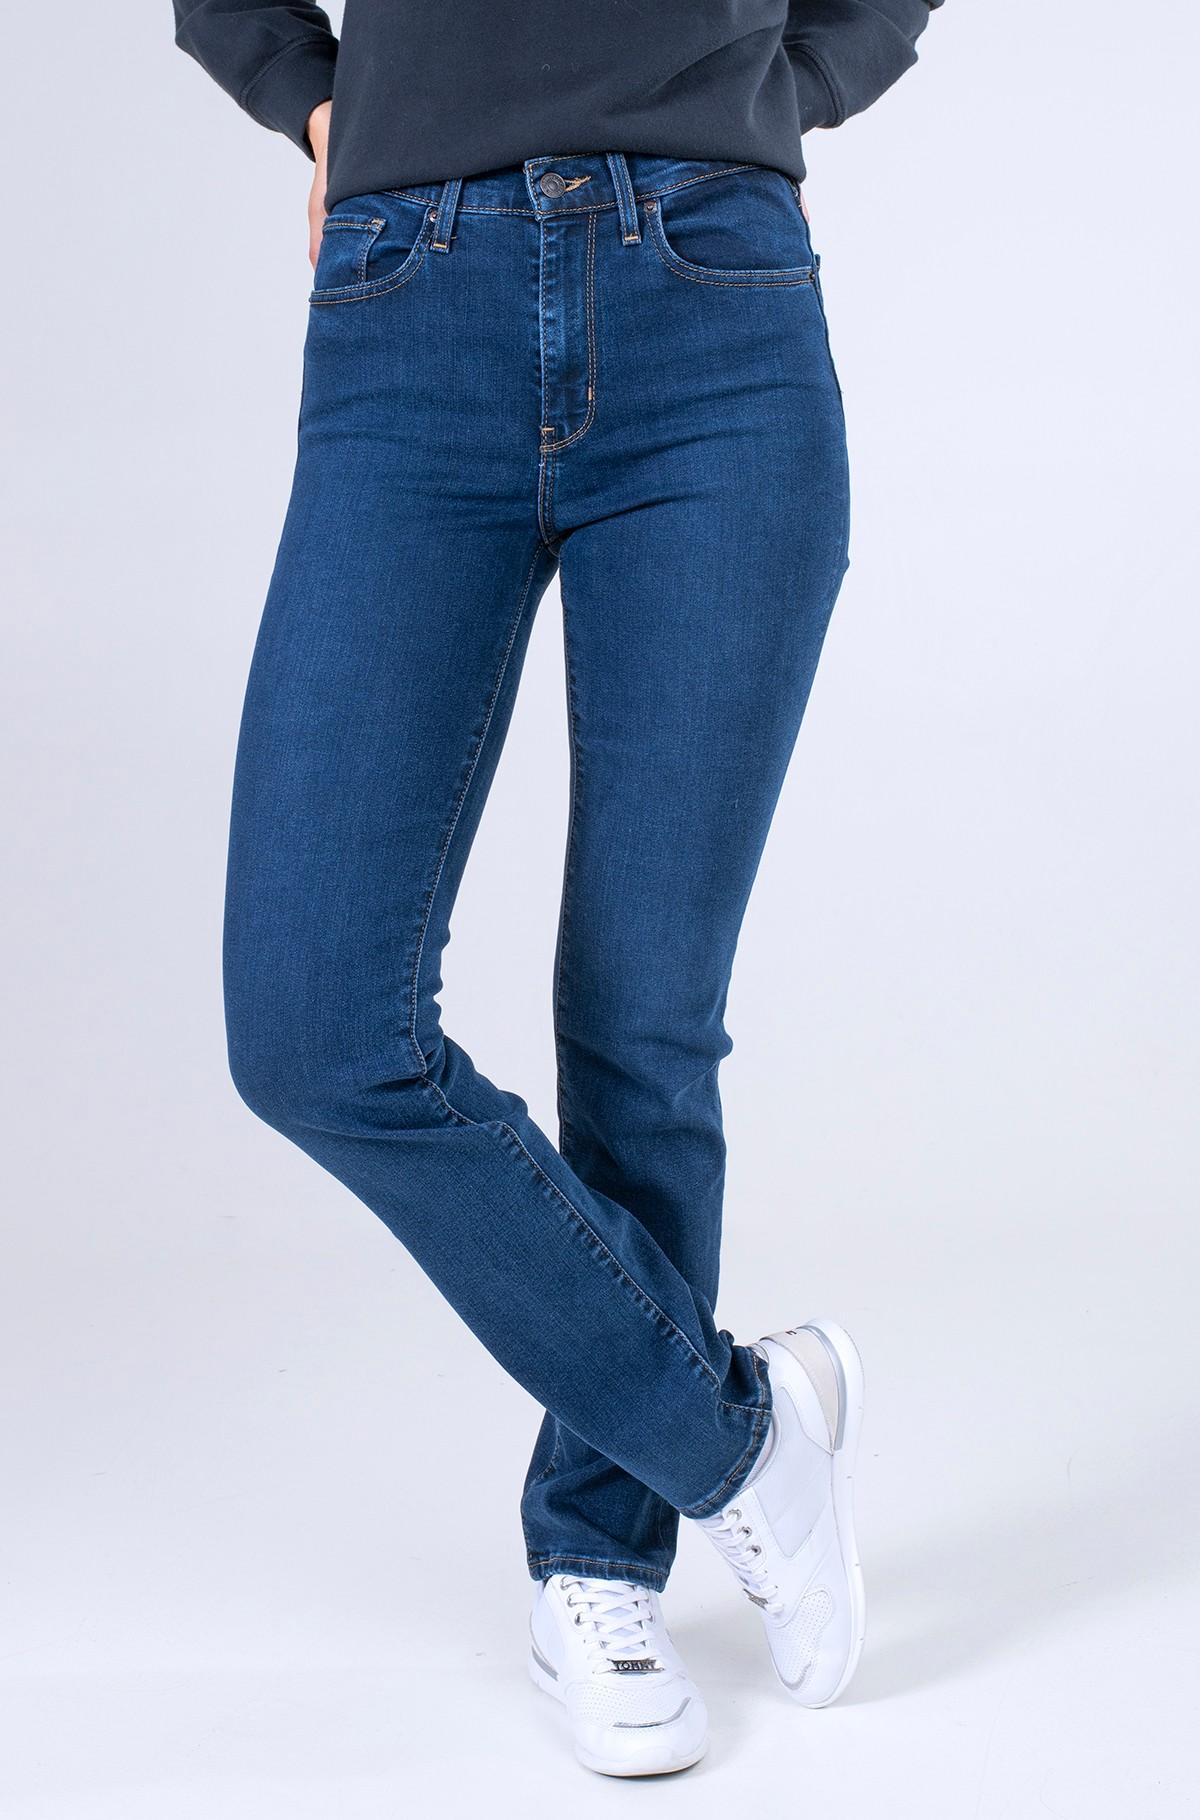 Jeans 188830105-full-1